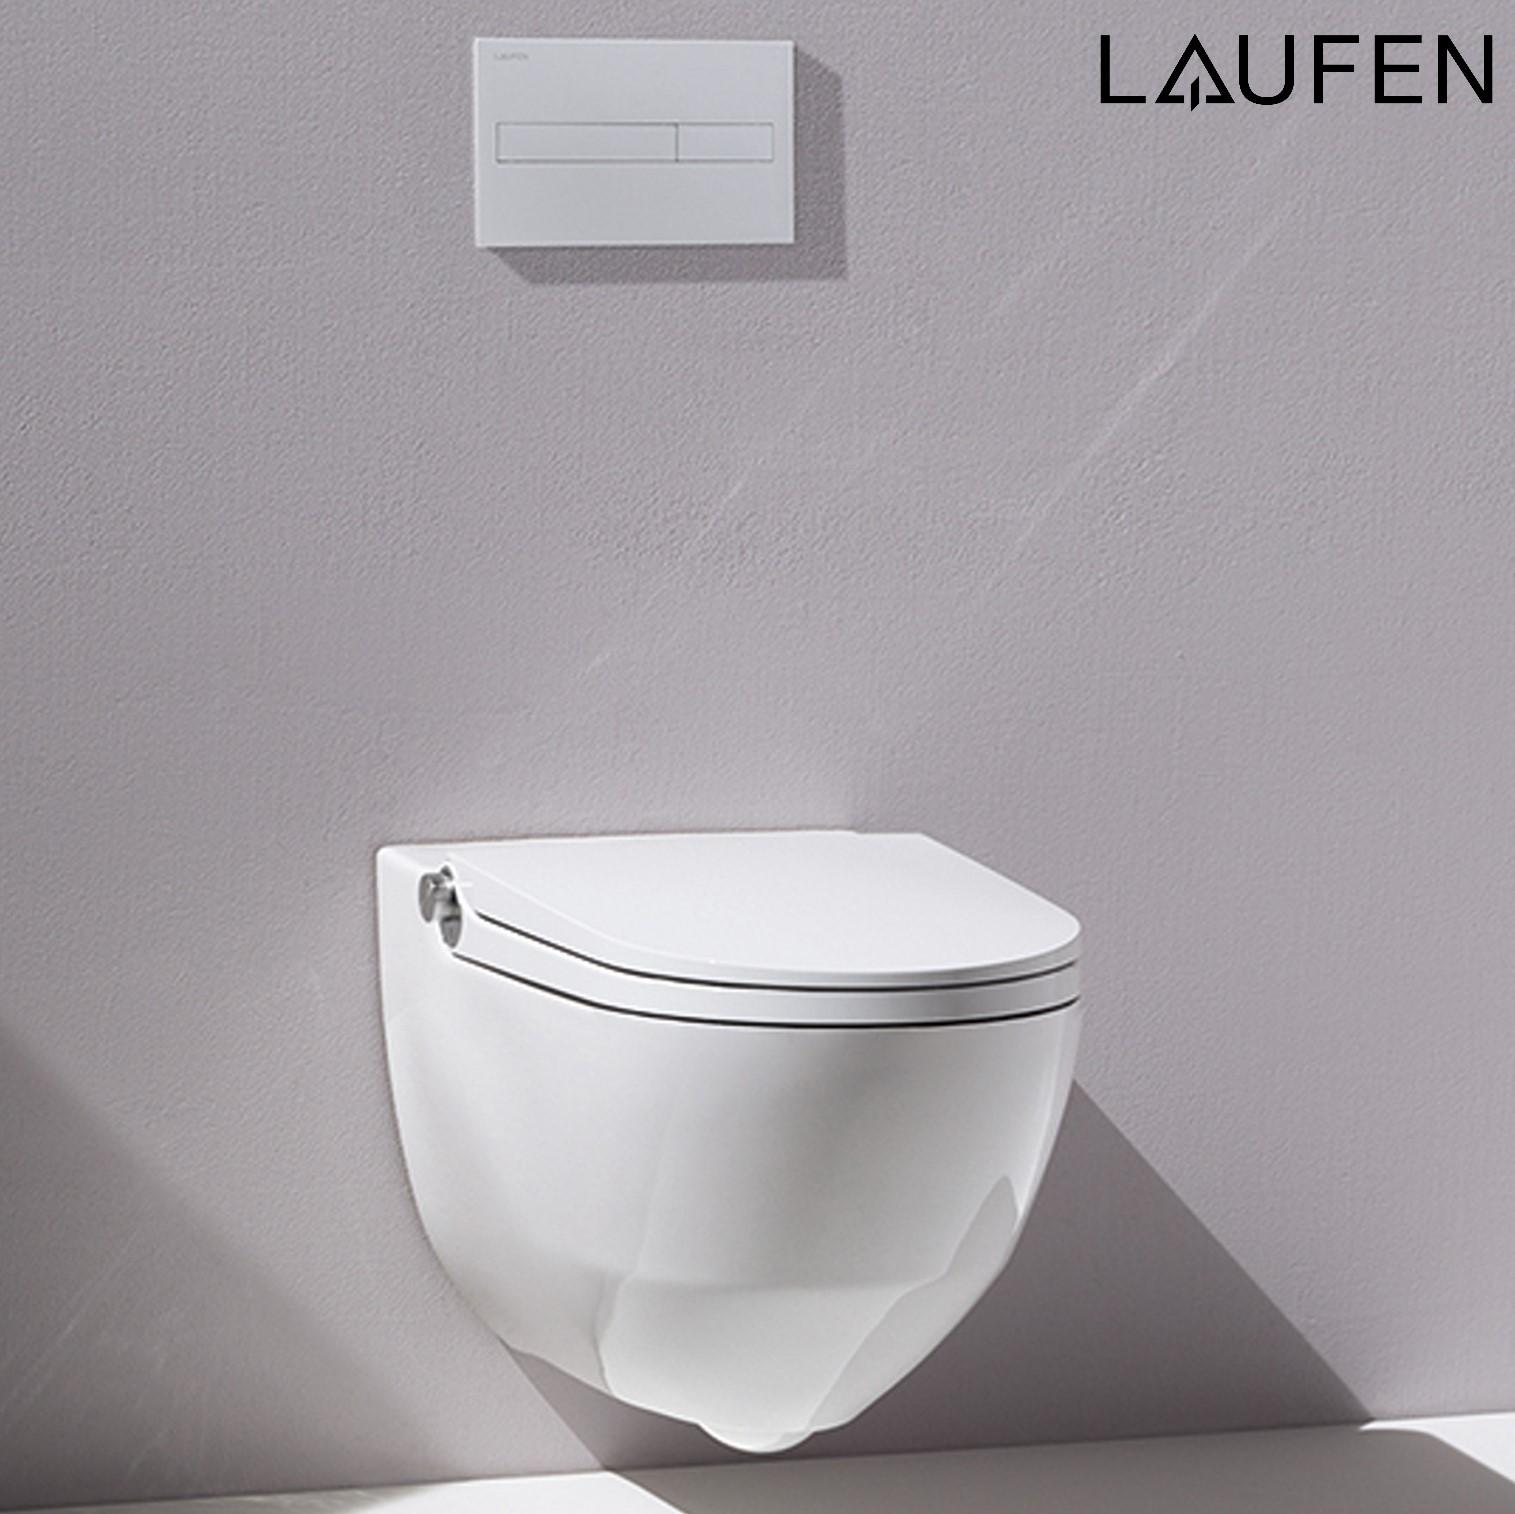 shower toilets Archives – BATHHOUSE